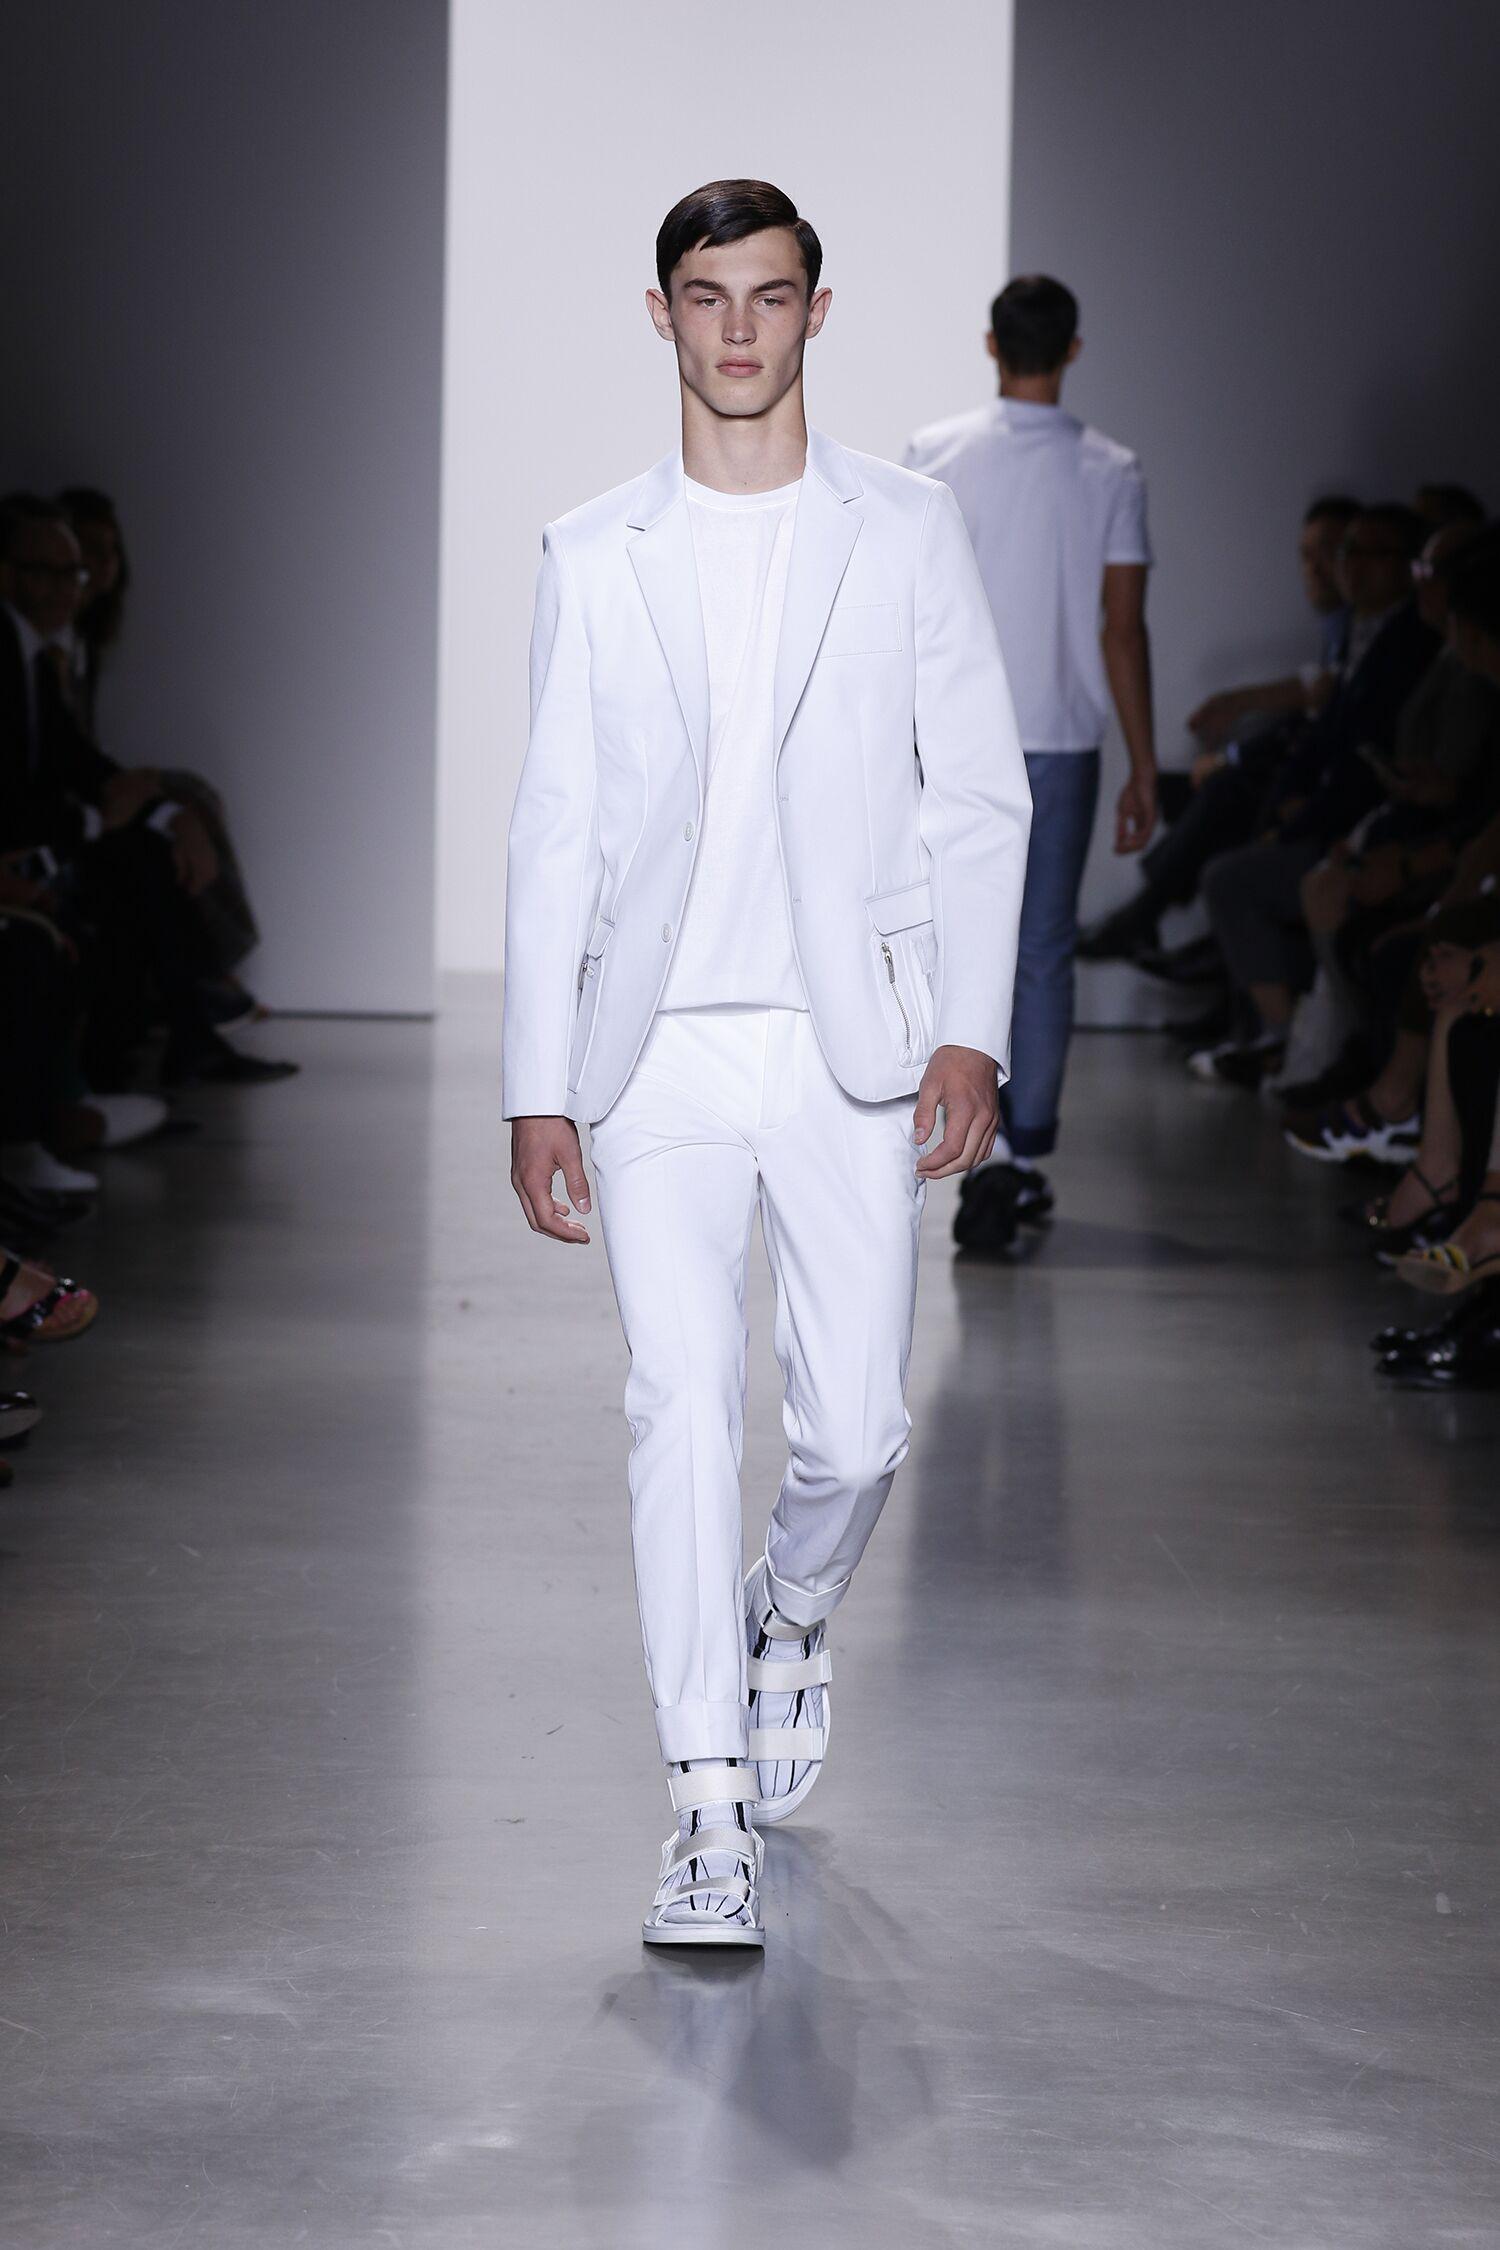 Spring Calvin Klein Collection Fashion Men Model